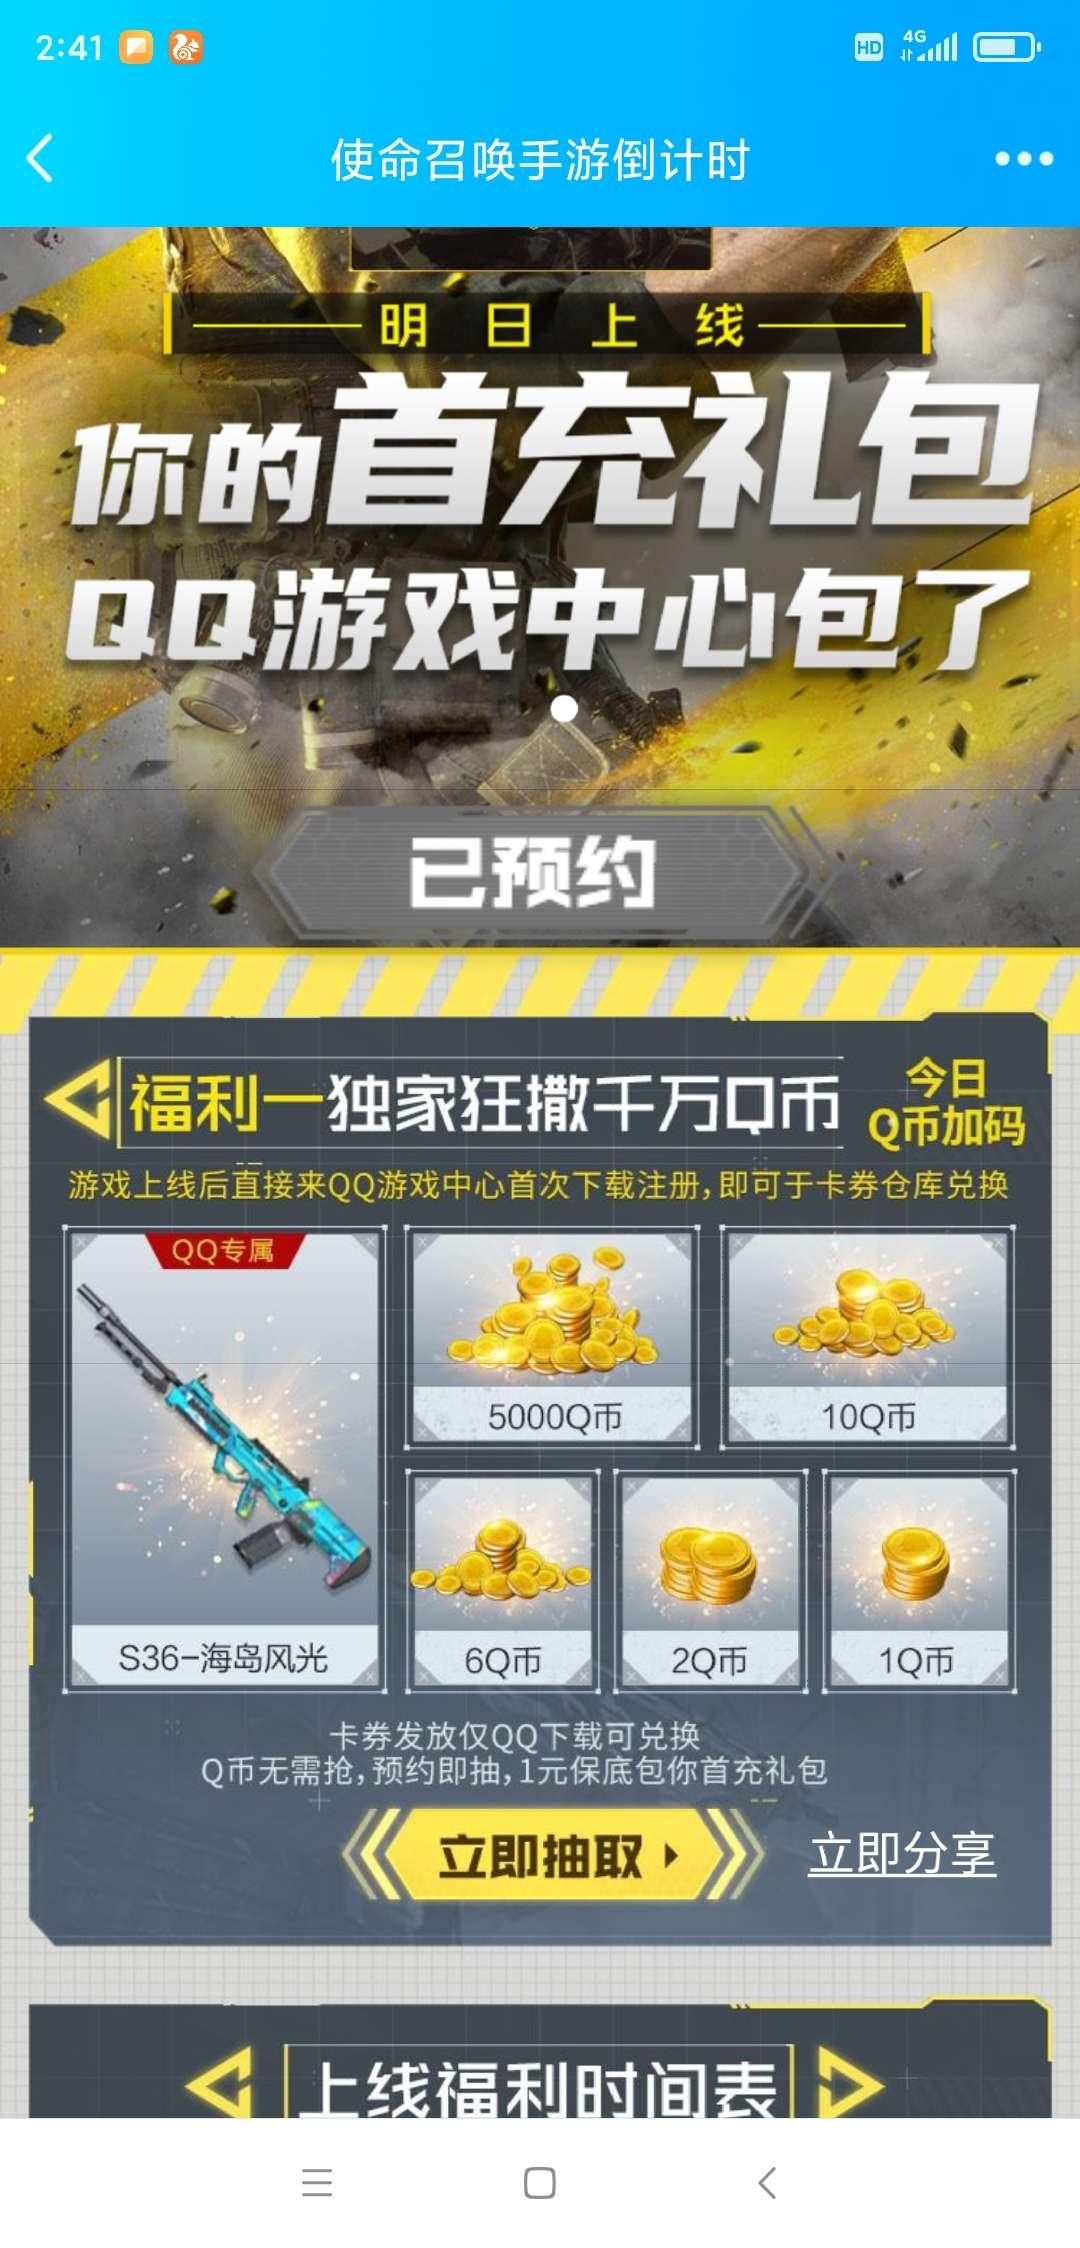 图片[2]-QQ游戏中心预约得Q币-老友薅羊毛活动线报网